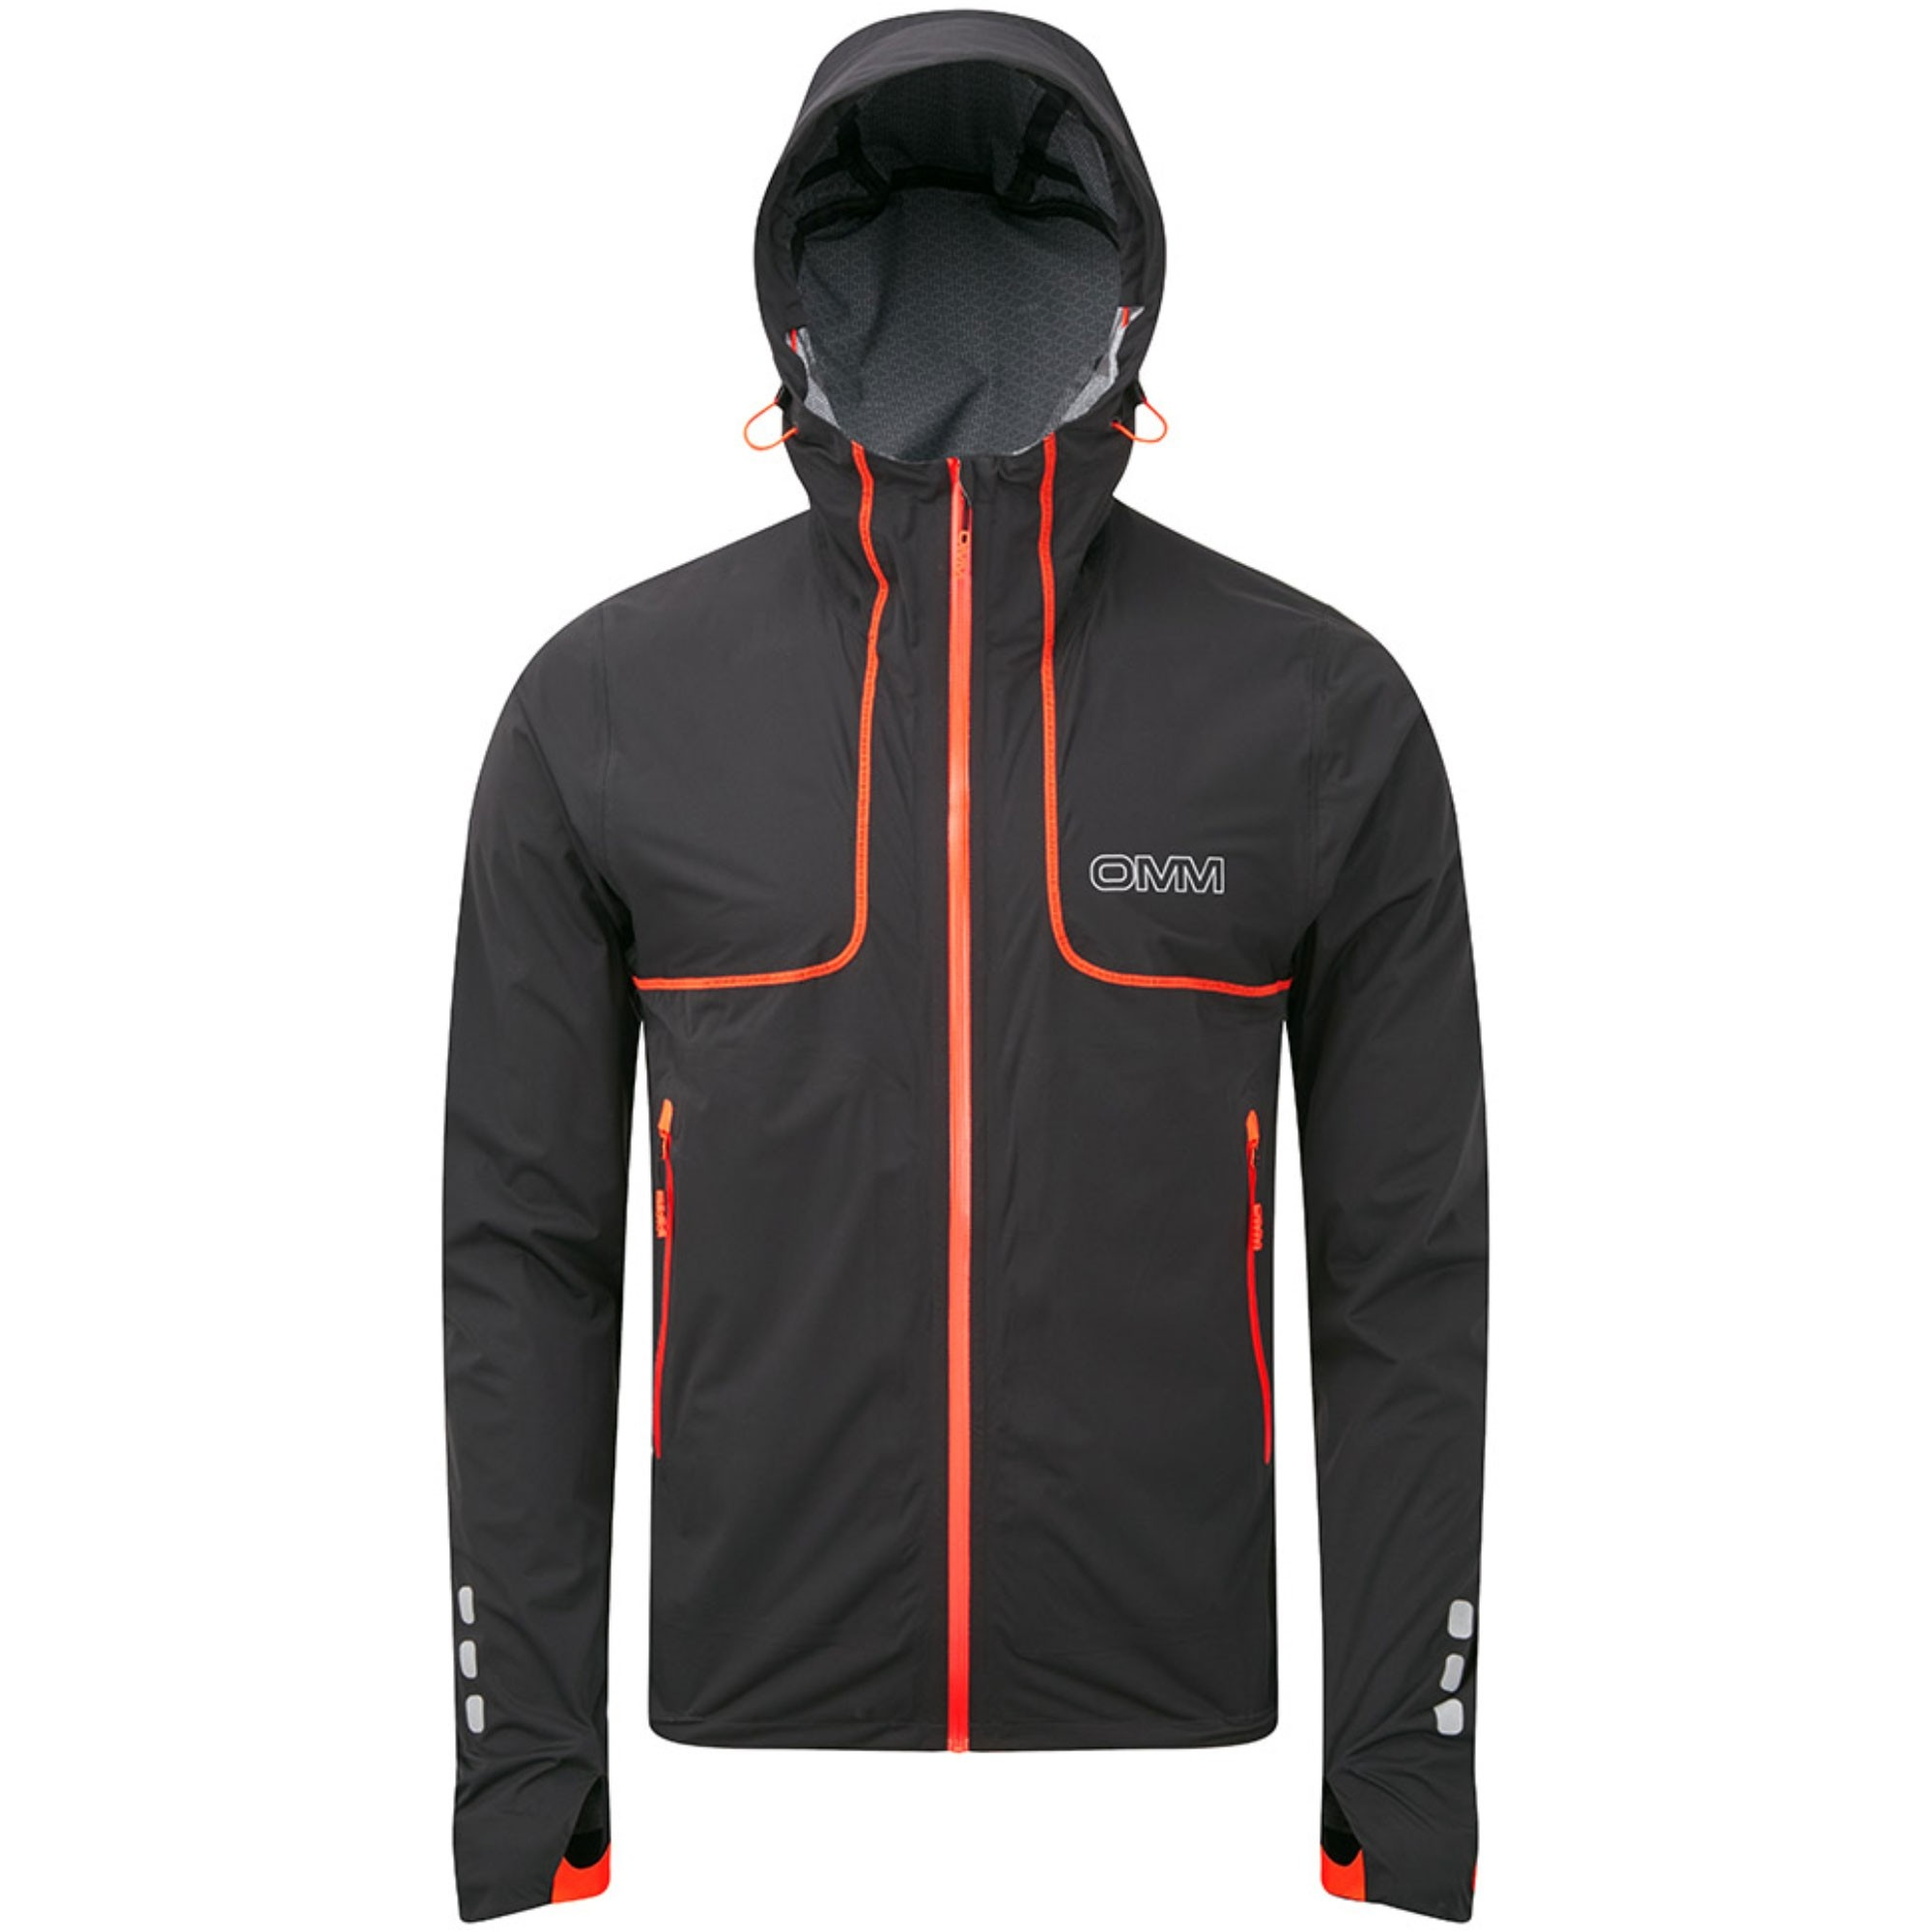 OMM Kamleika Men's Waterproof Jacket - Black